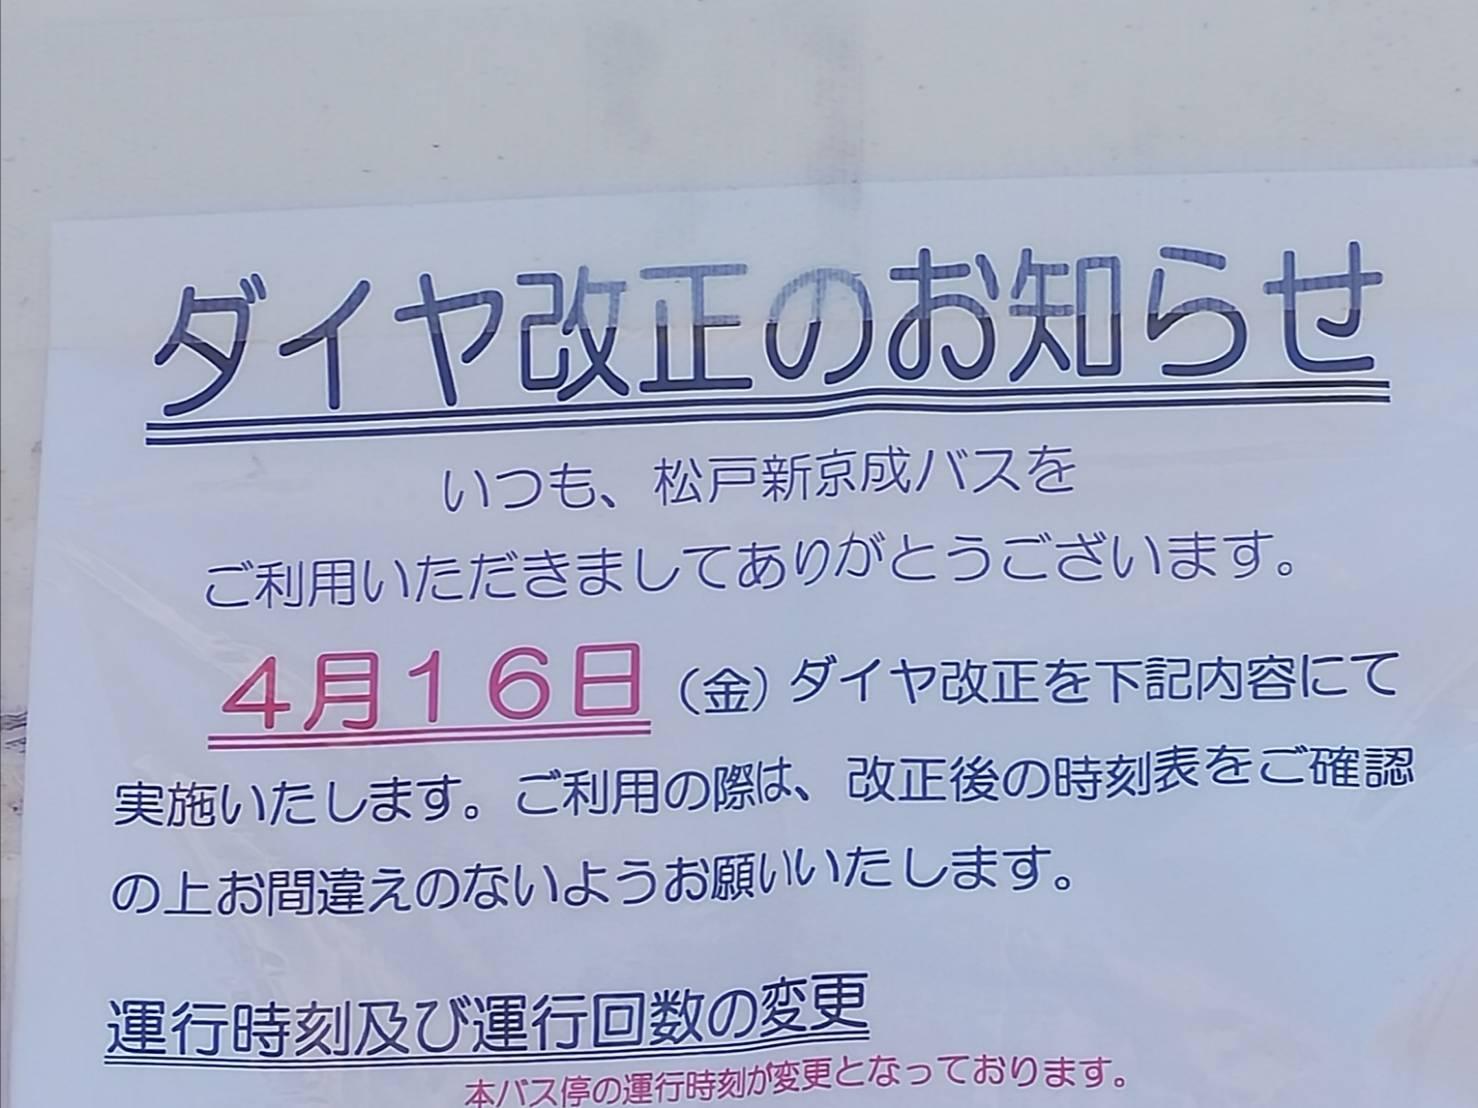 時刻 表 新 京成 バス 新京成バス「津田沼駅」のバス時刻表